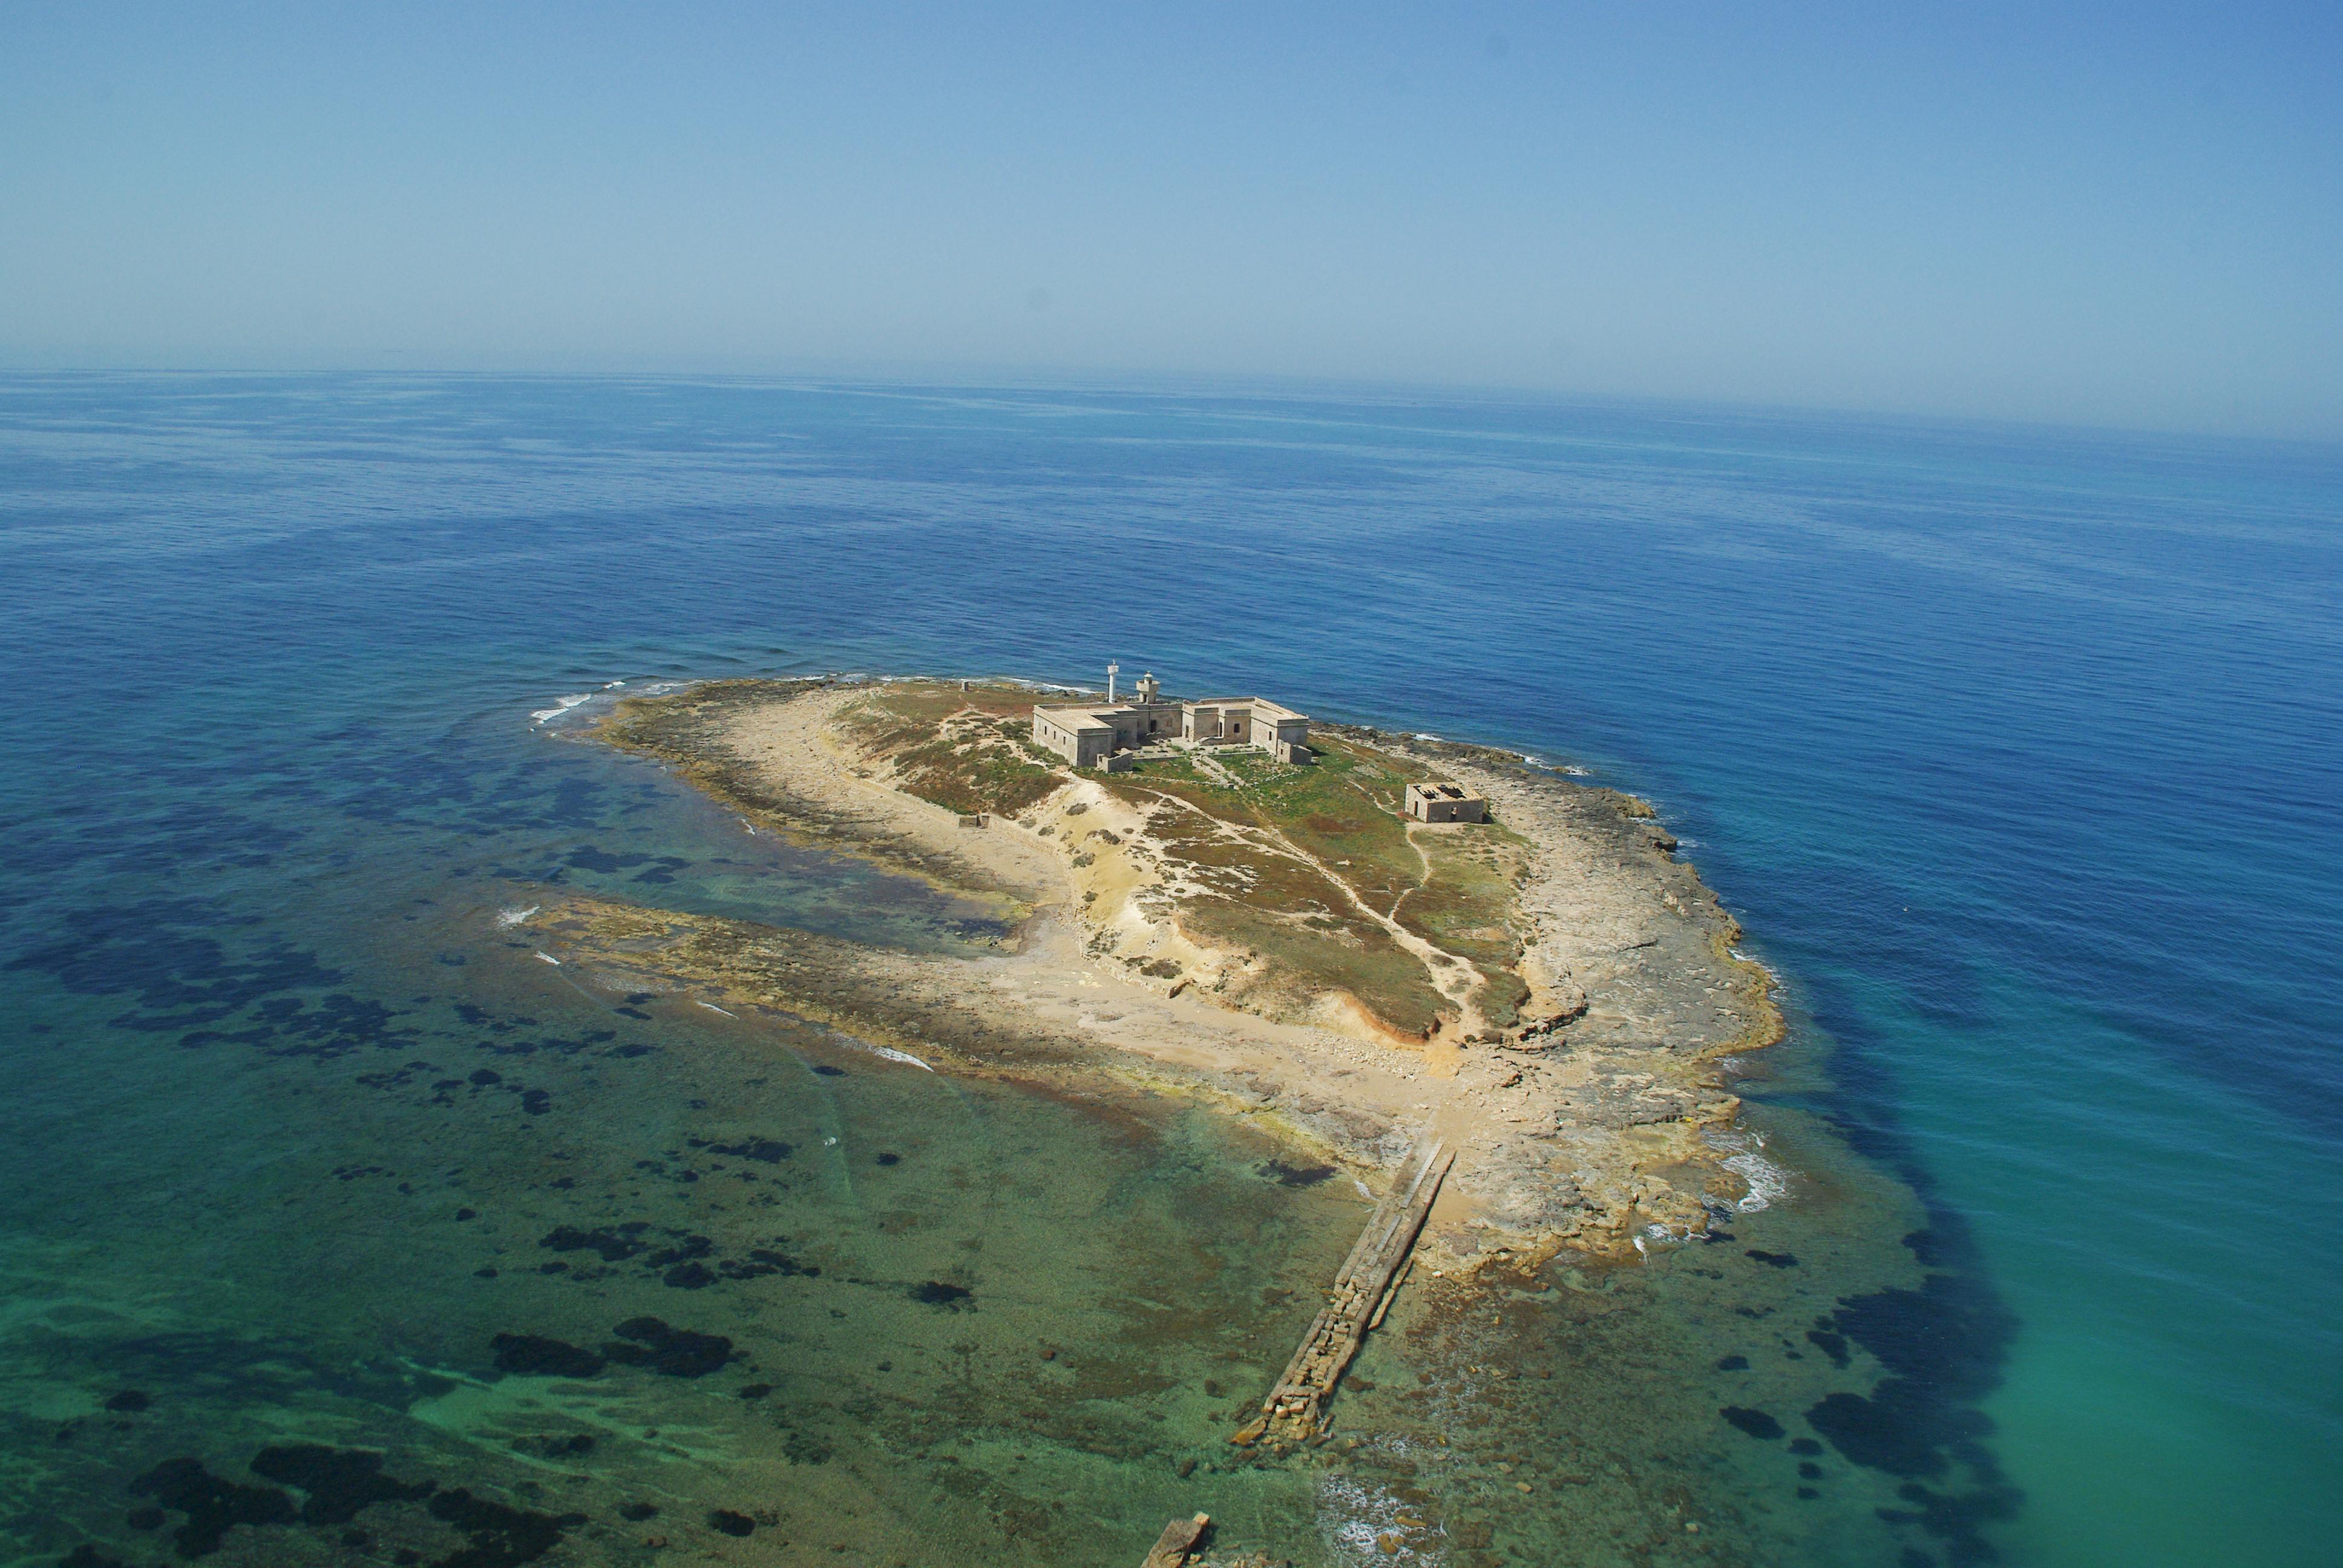 Isola_delle_Correnti_-_Sicily